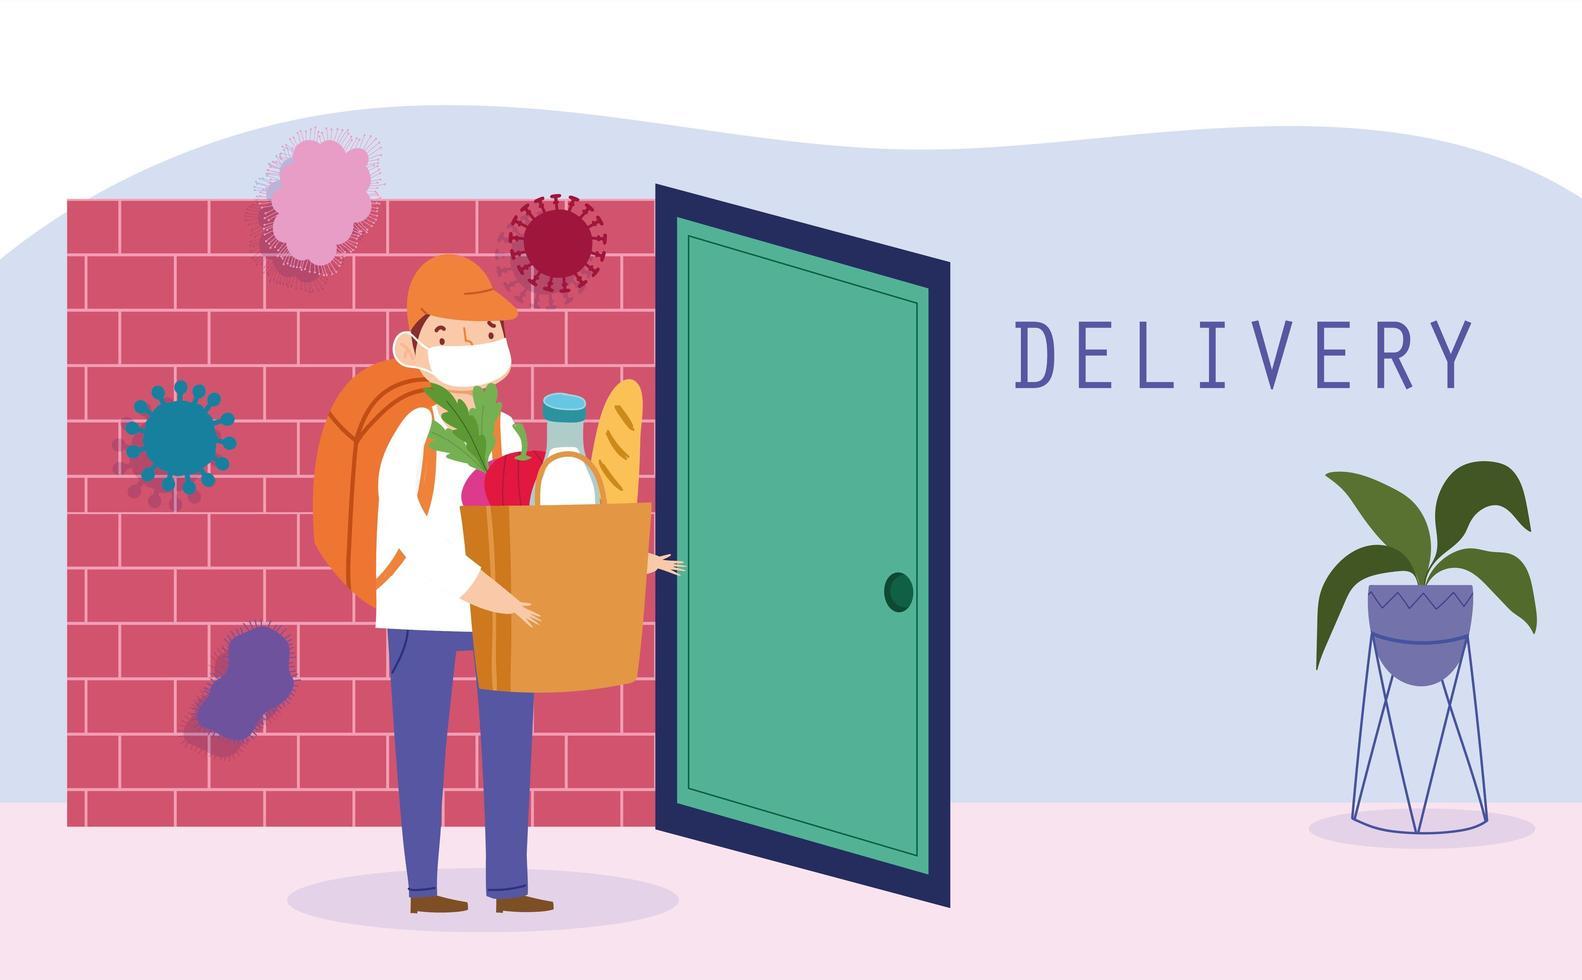 Kuriermann liefert sicher Lebensmittel vor der Haustür vektor